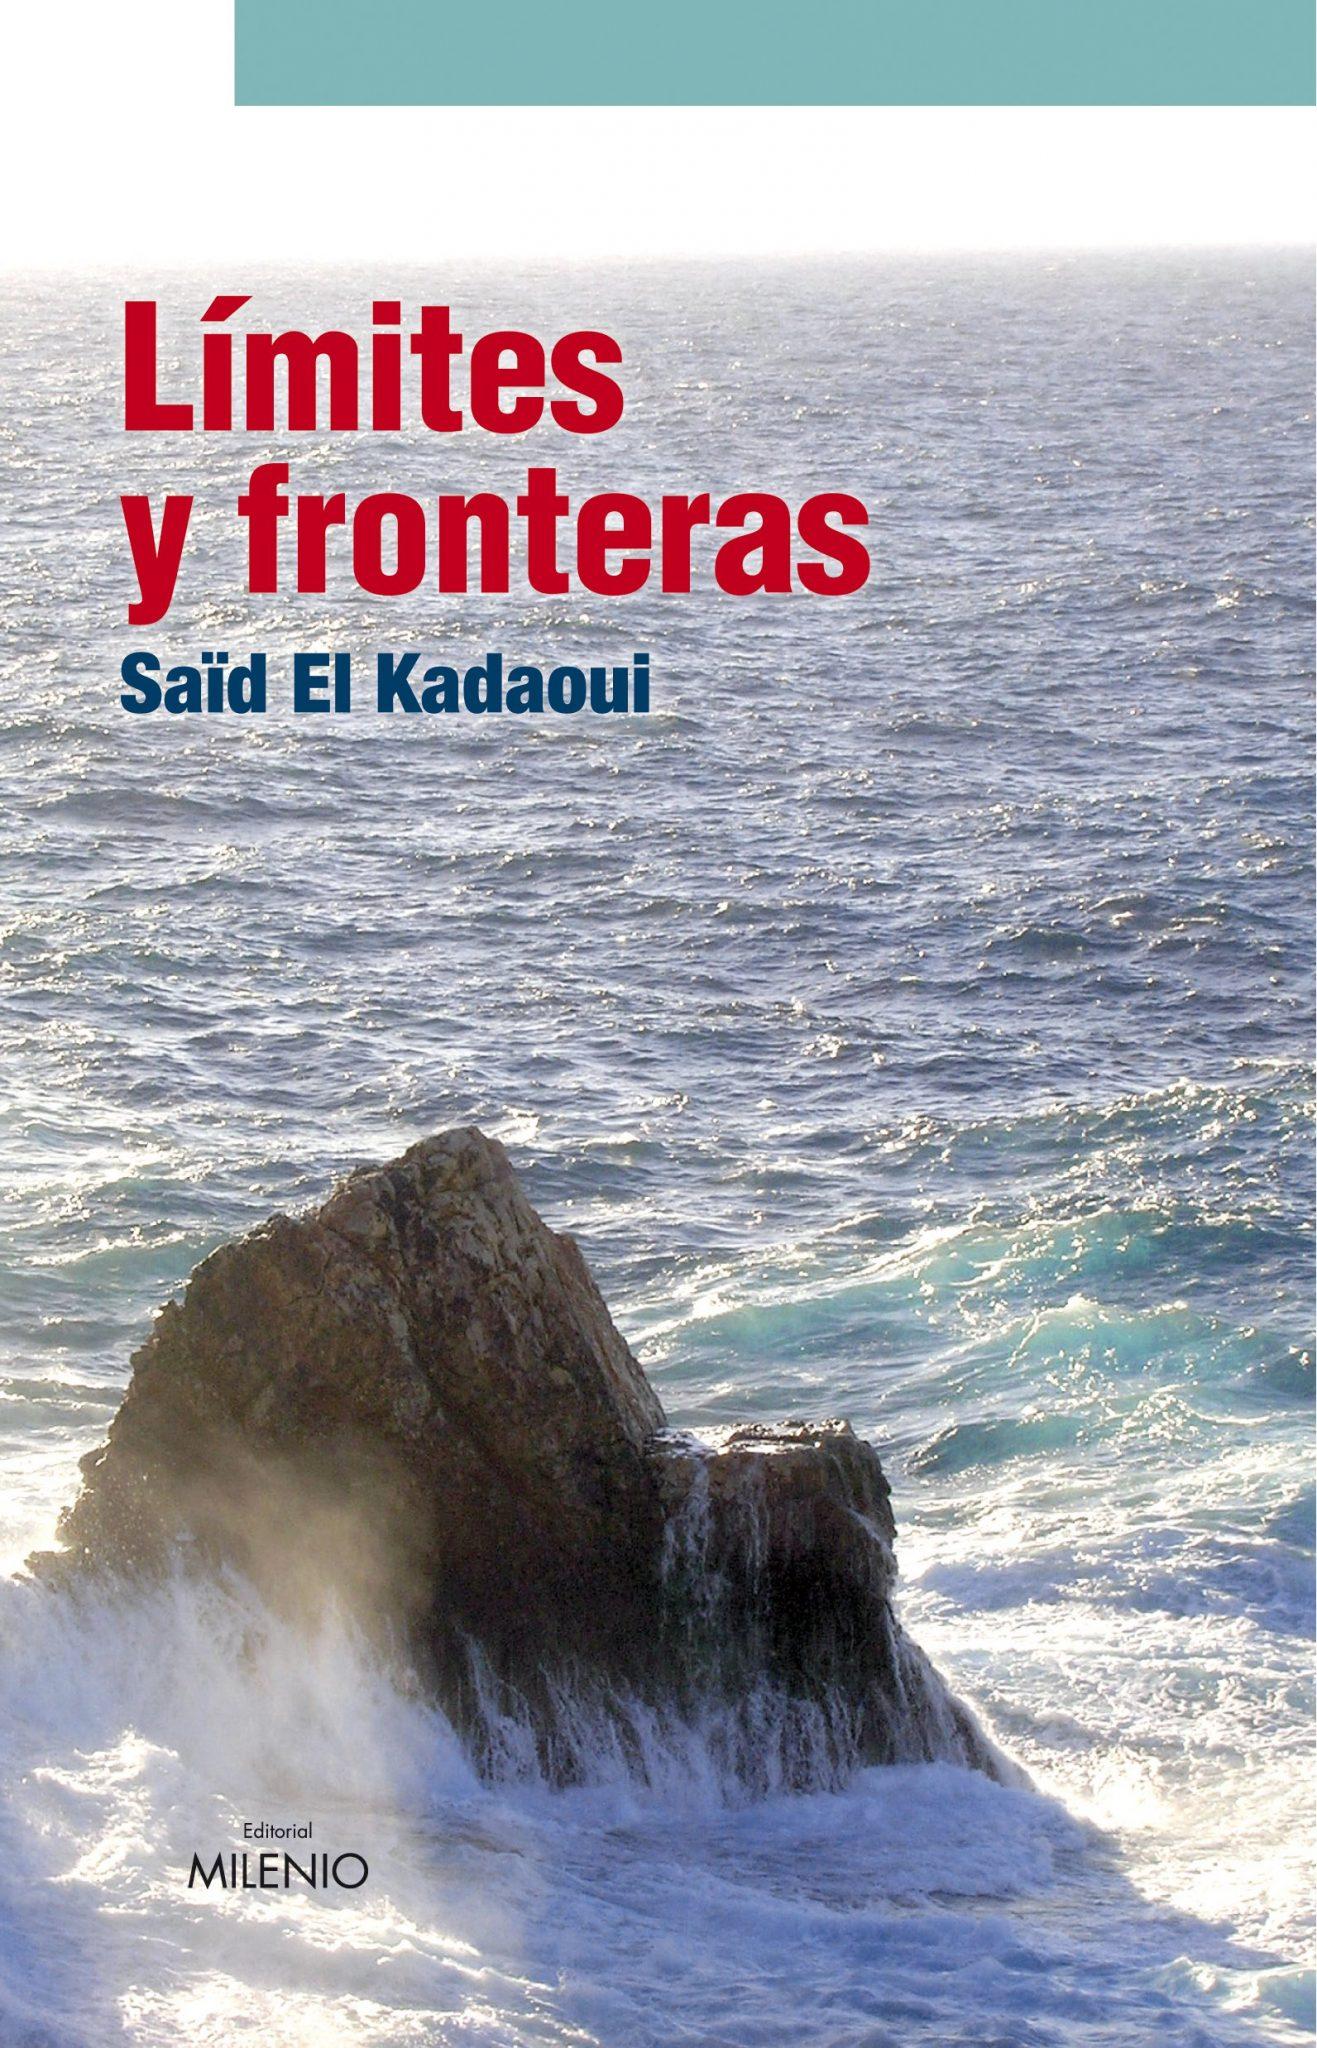 Said El Kadaoui - Límites y fronteras